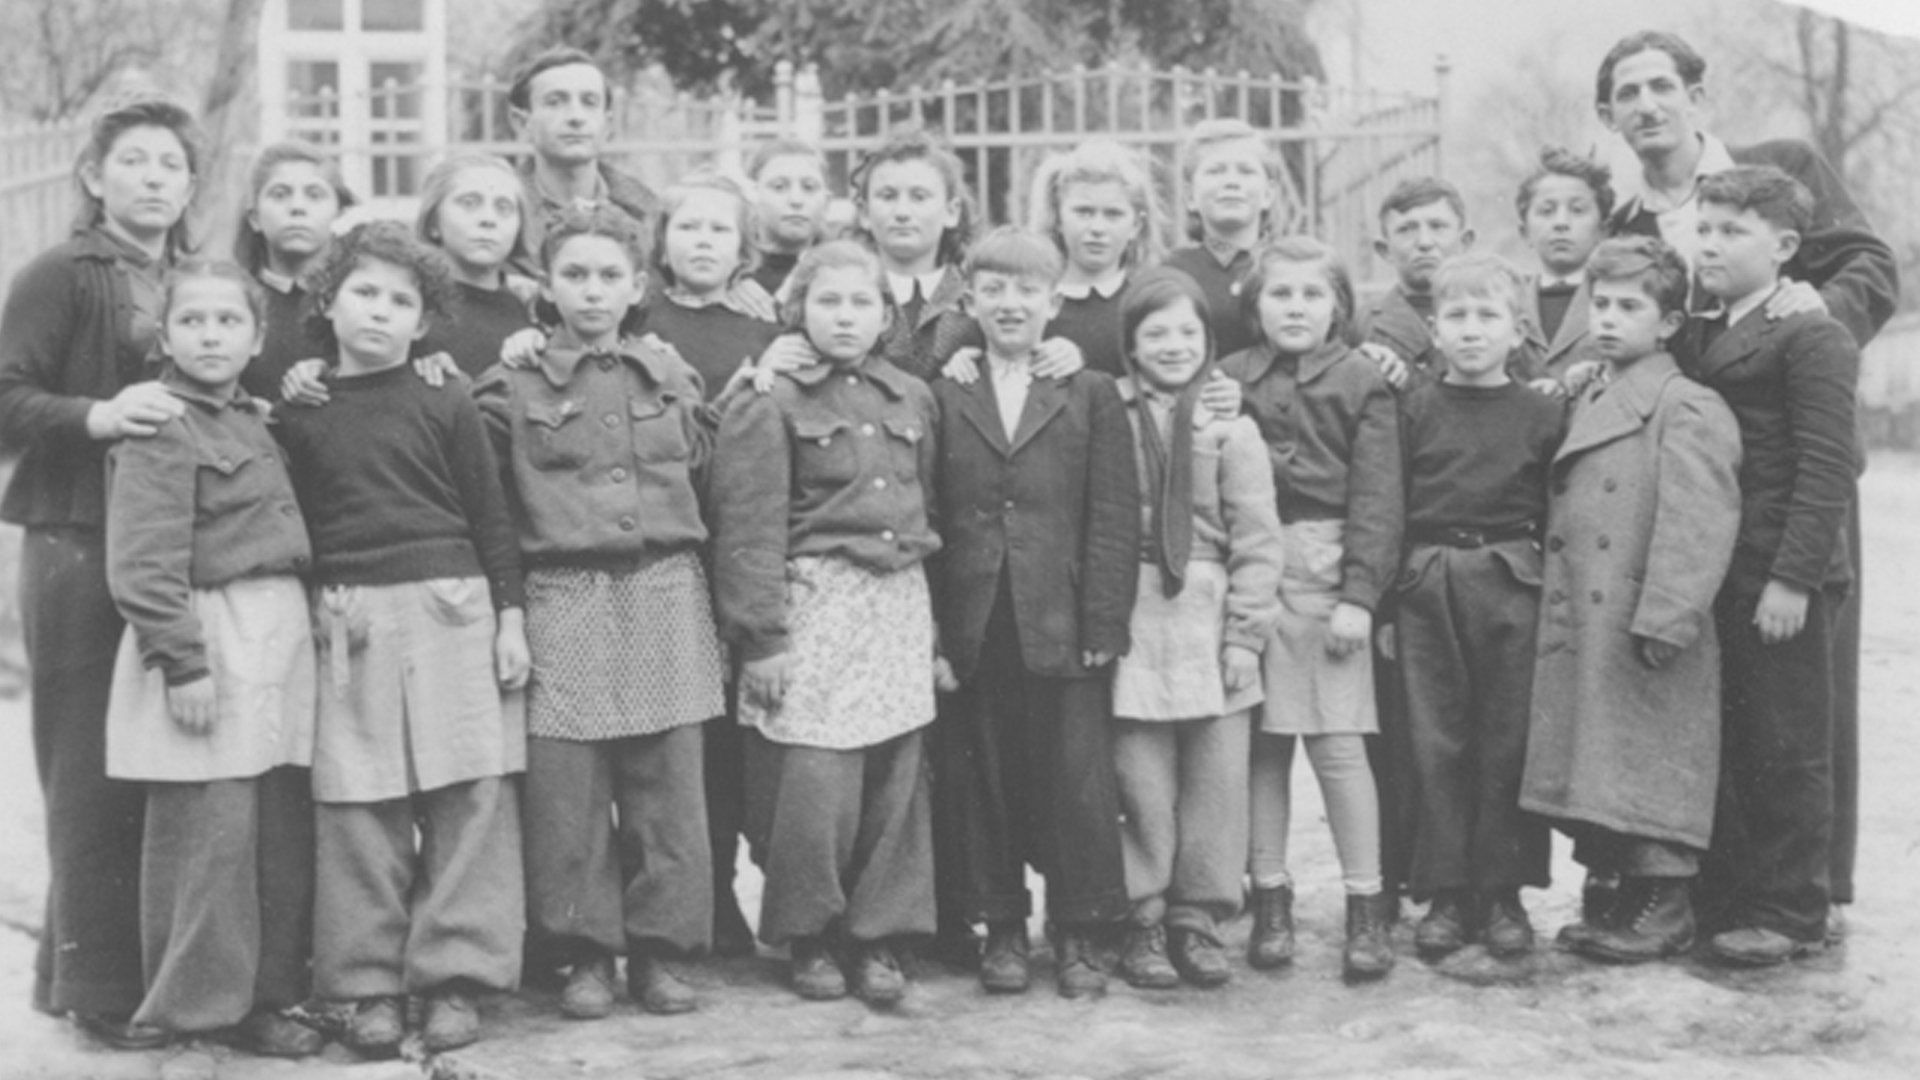 Schulgruppe im DP-Camp Schauenstein bei Hof im Jahr 1946.